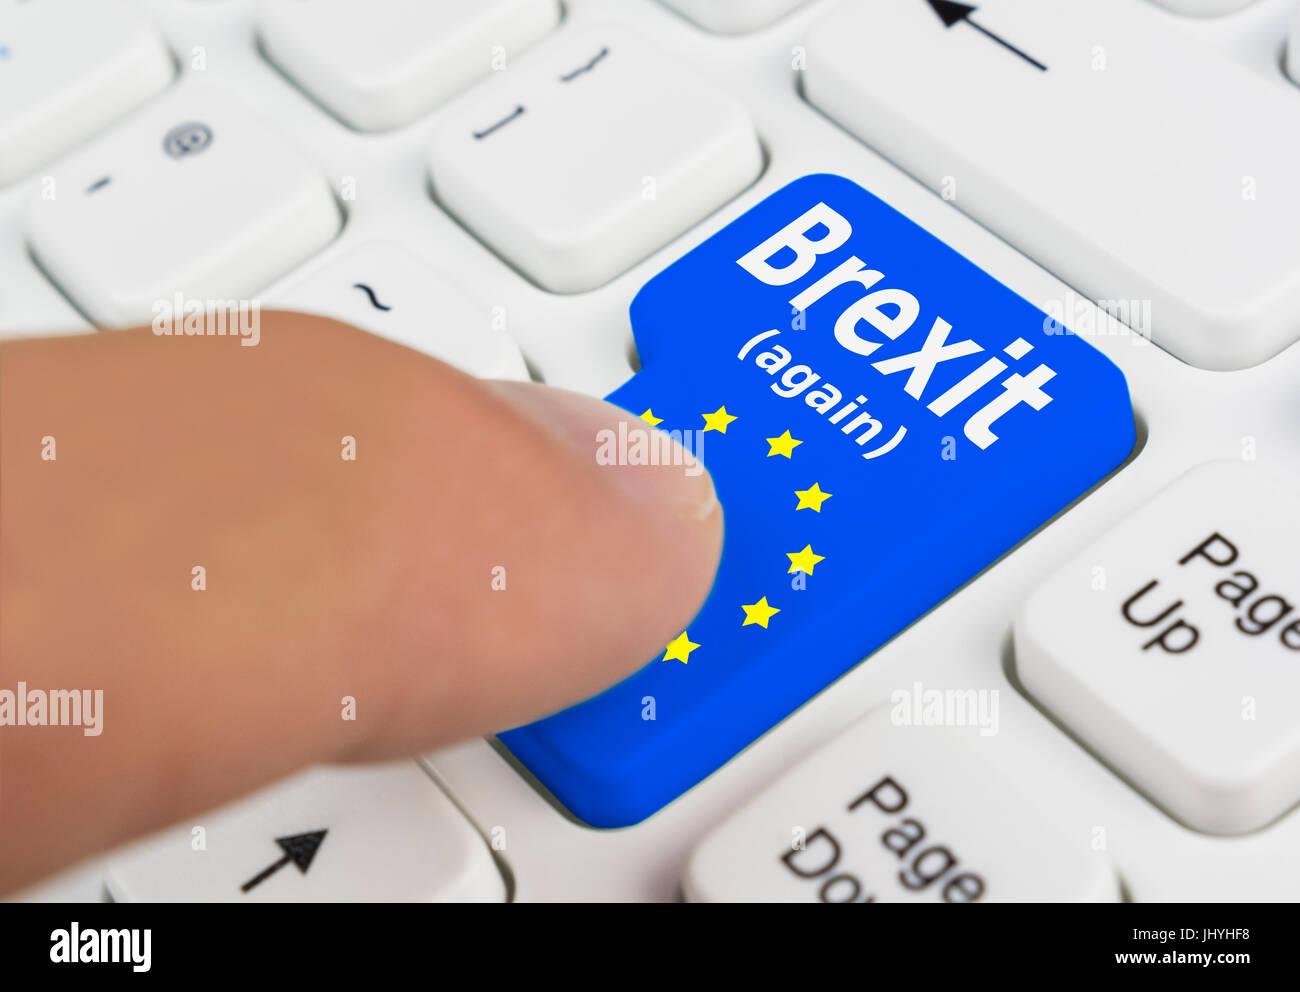 Bouton Brexit montrer à quelqu'un qui vote pour le Royaume-Uni pour quitter l'UE dans un 2e référendum. Photo Stock